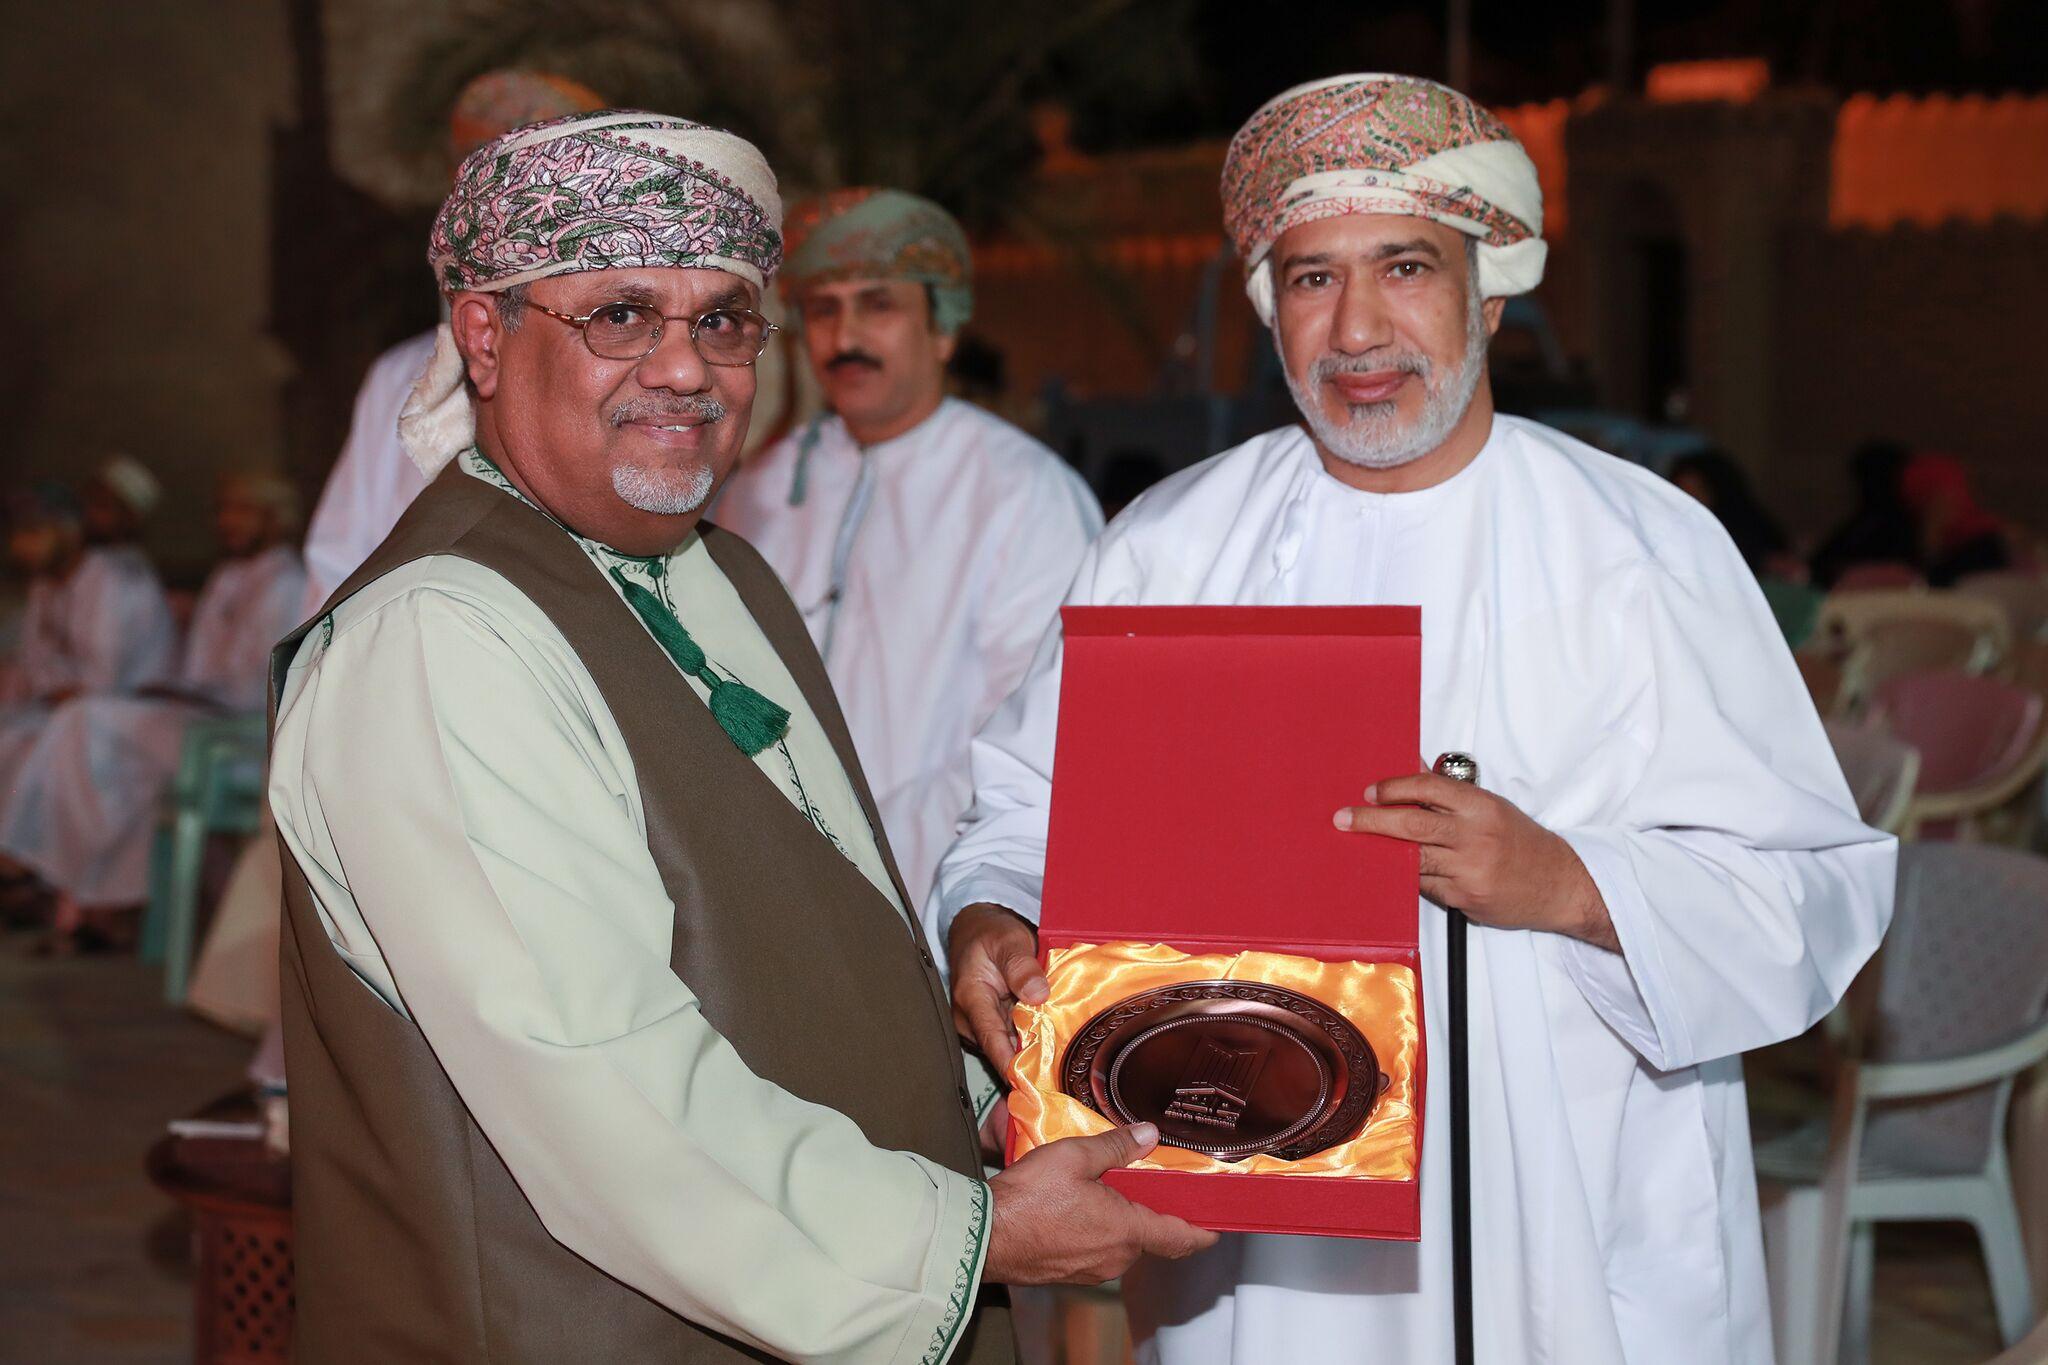 مؤسسة بيت الغشام تكرم الشعراء الفائزين في المسابقة الأدبية